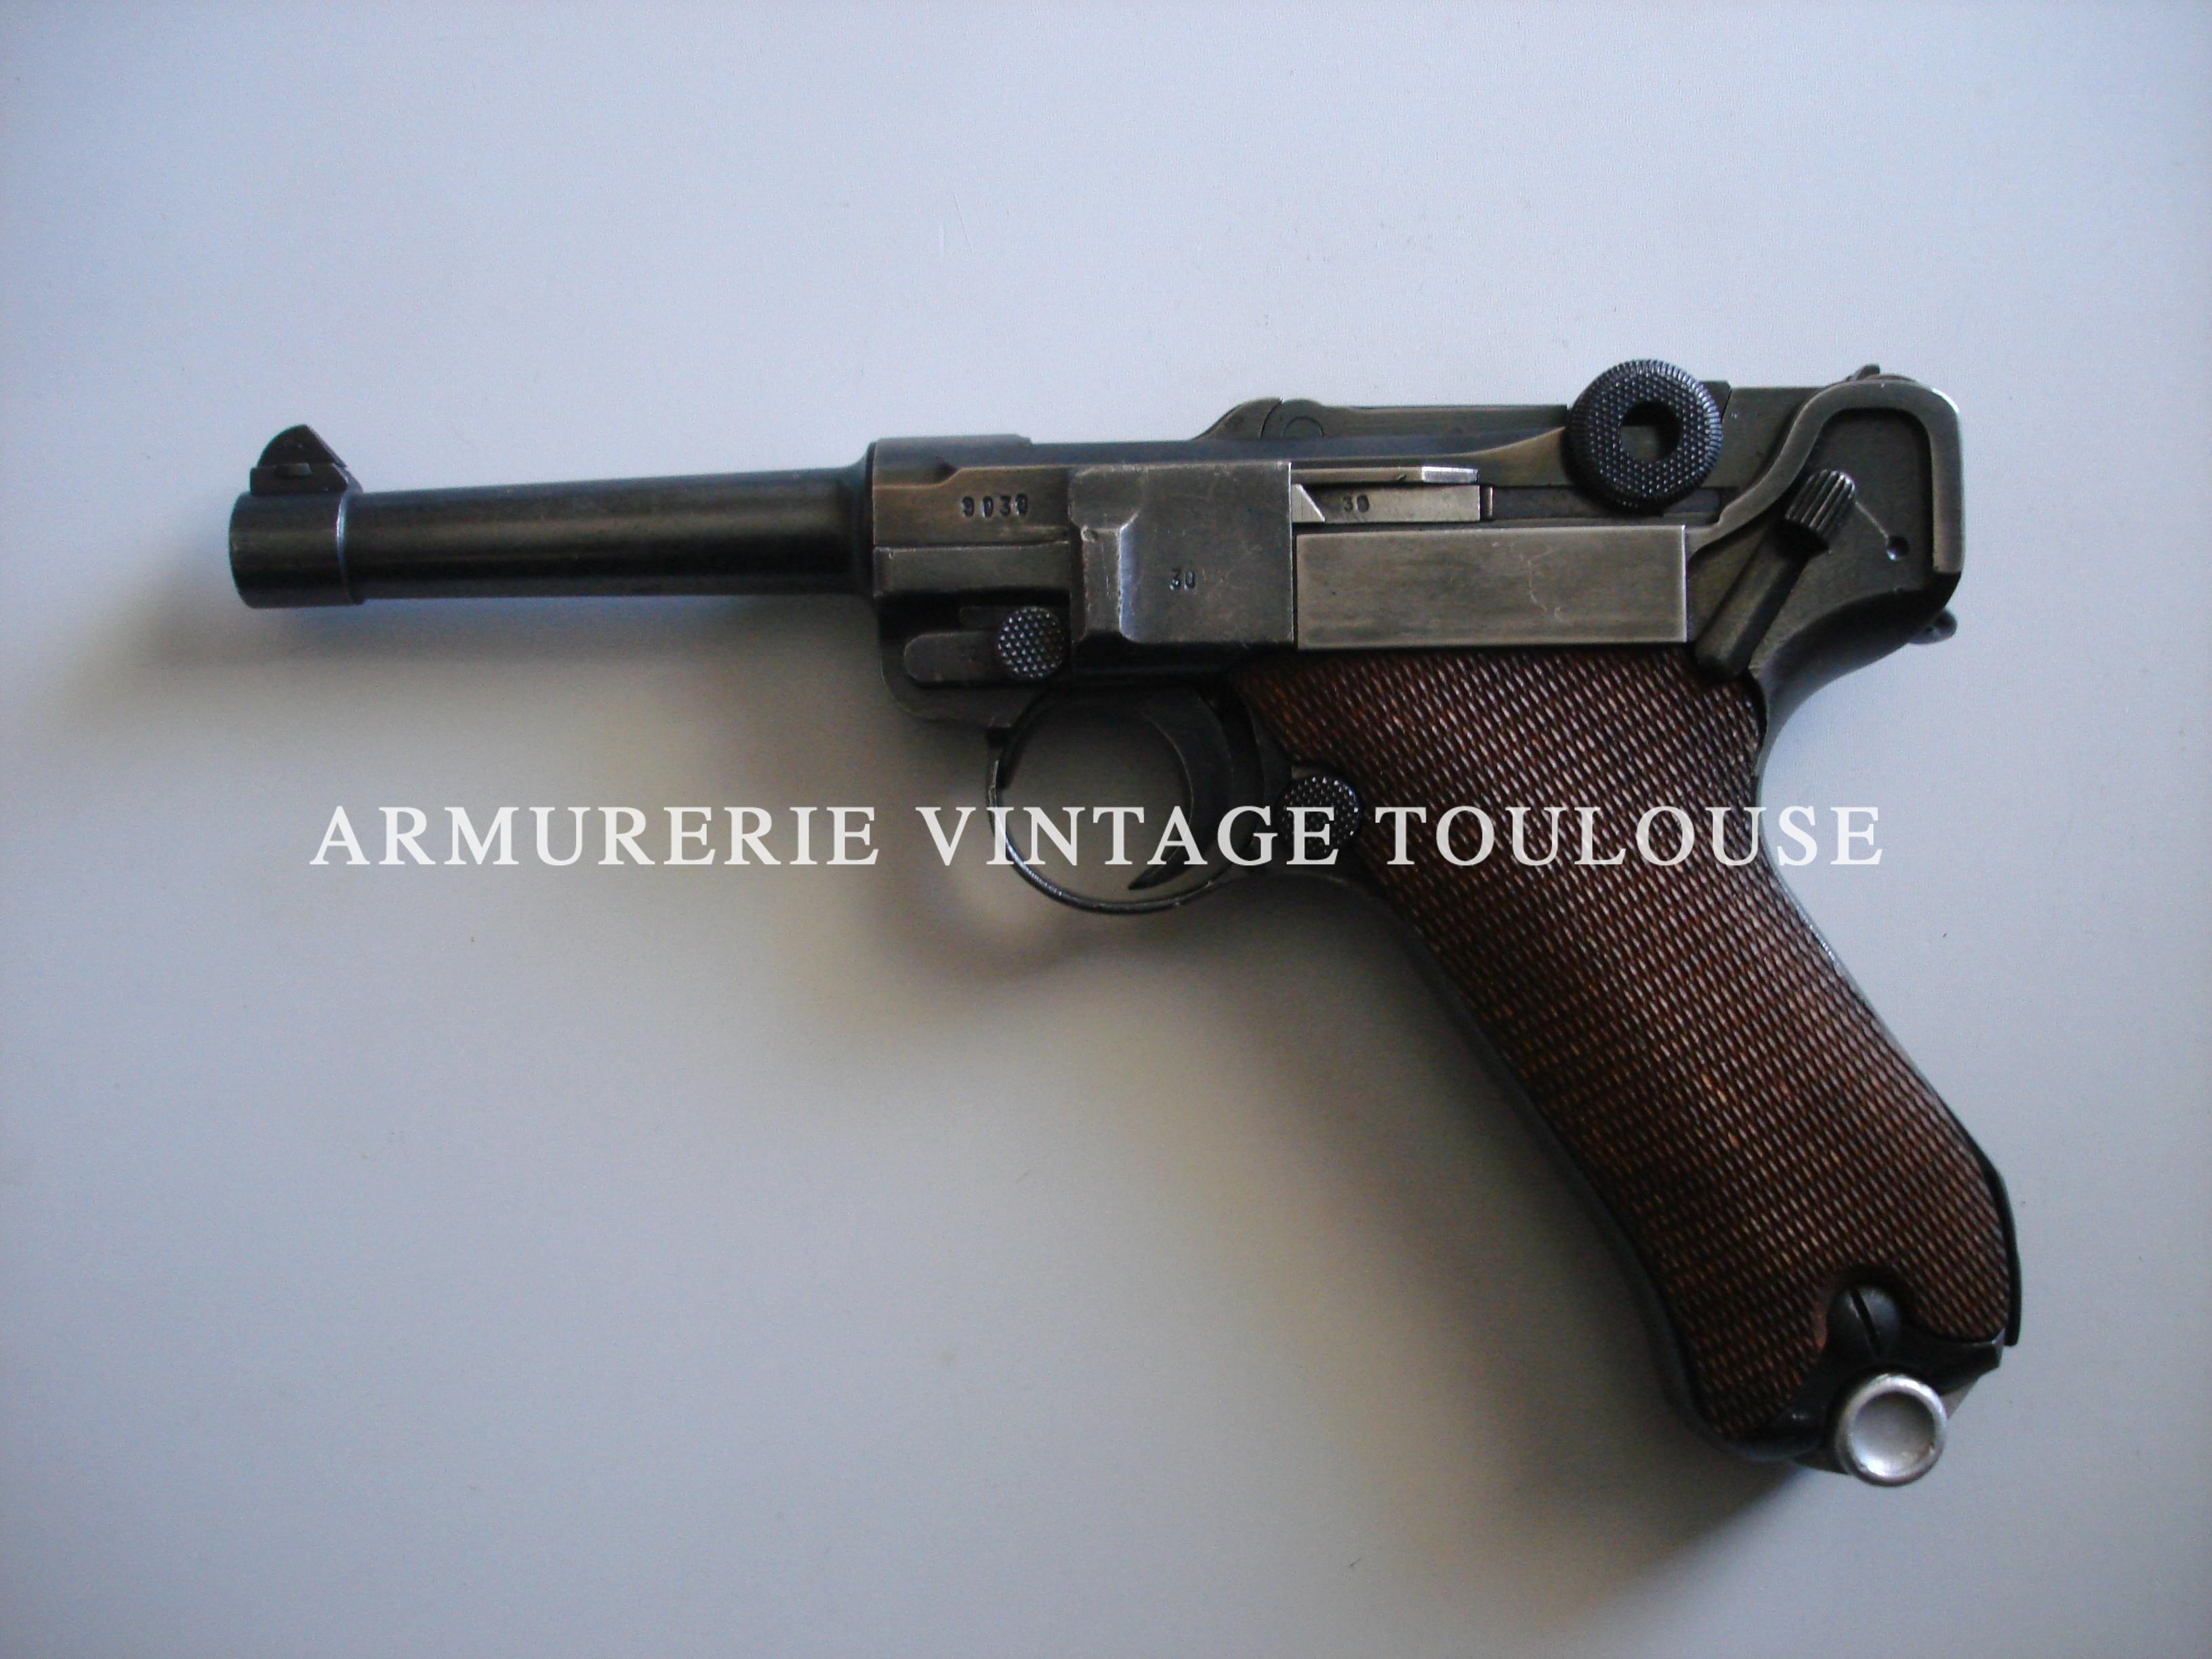 Pistolet P08 calibre 9X19 fabrication soignée par la firme Mauser en 1935